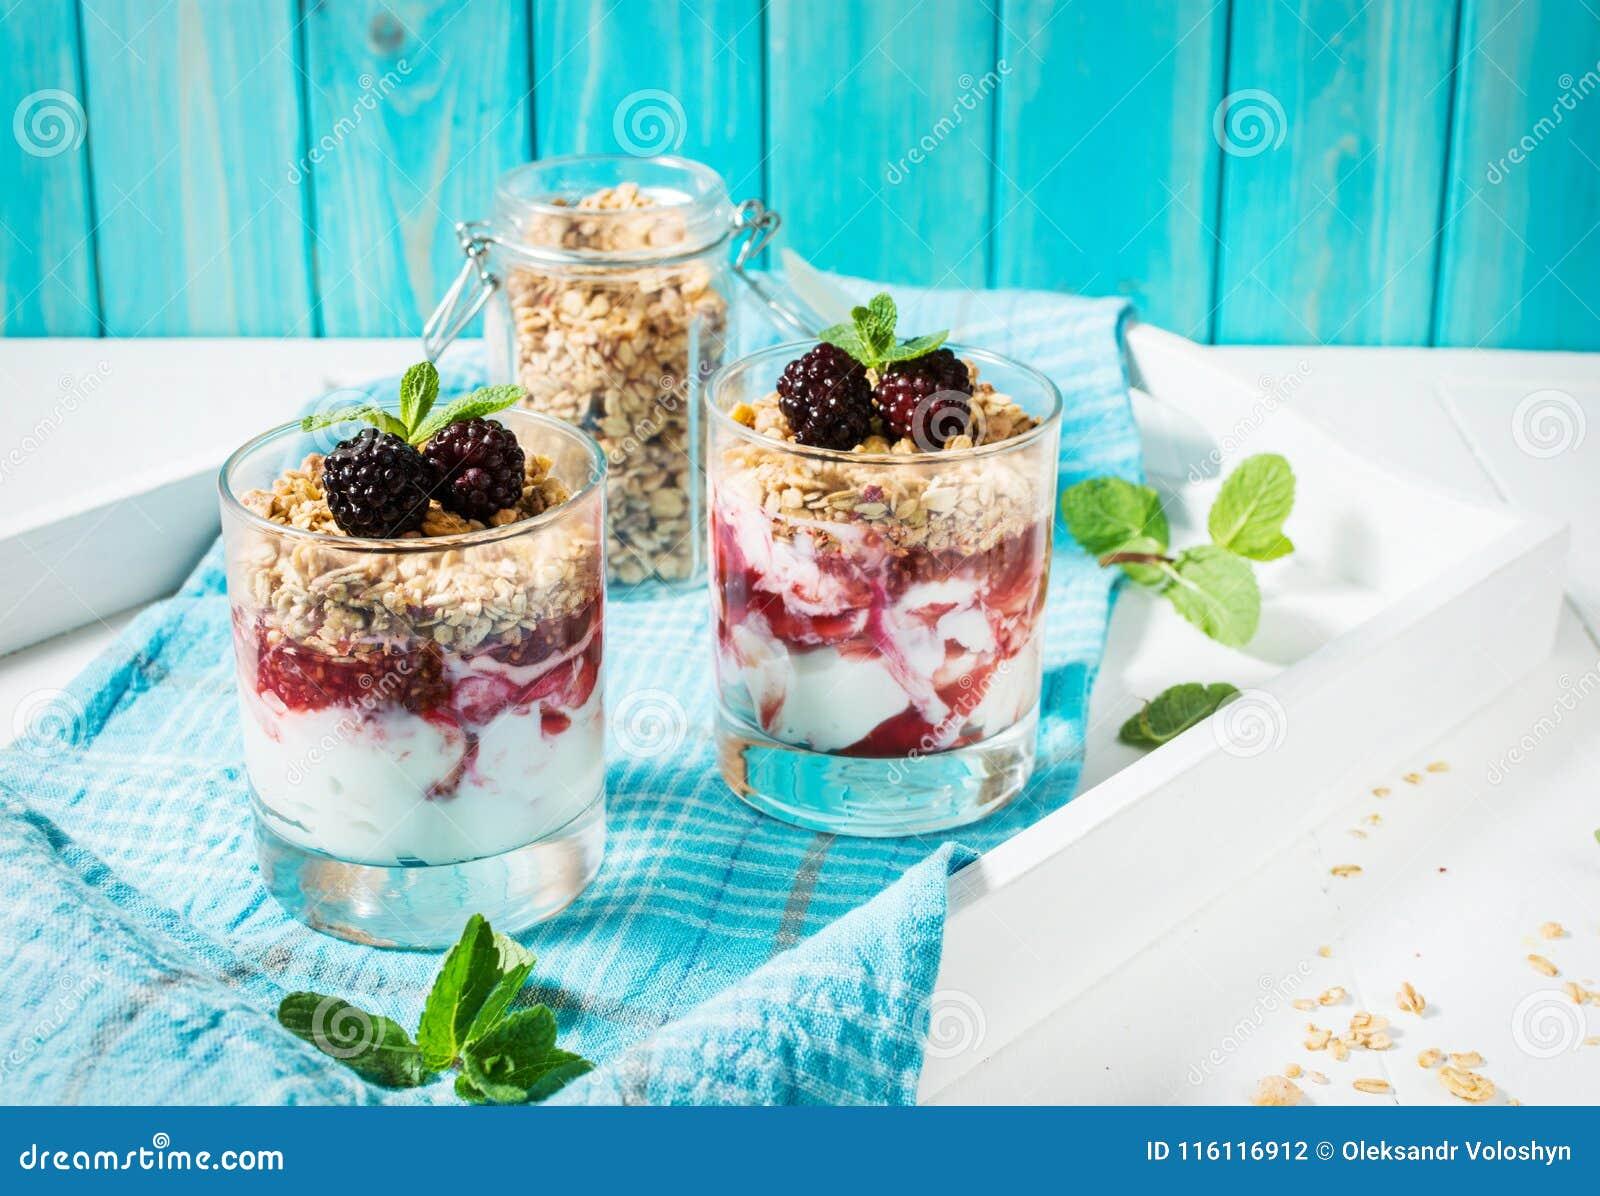 Gezond gelaagd dessert met yoghurt, granola, jam, braambes in glas op houten achtergrond